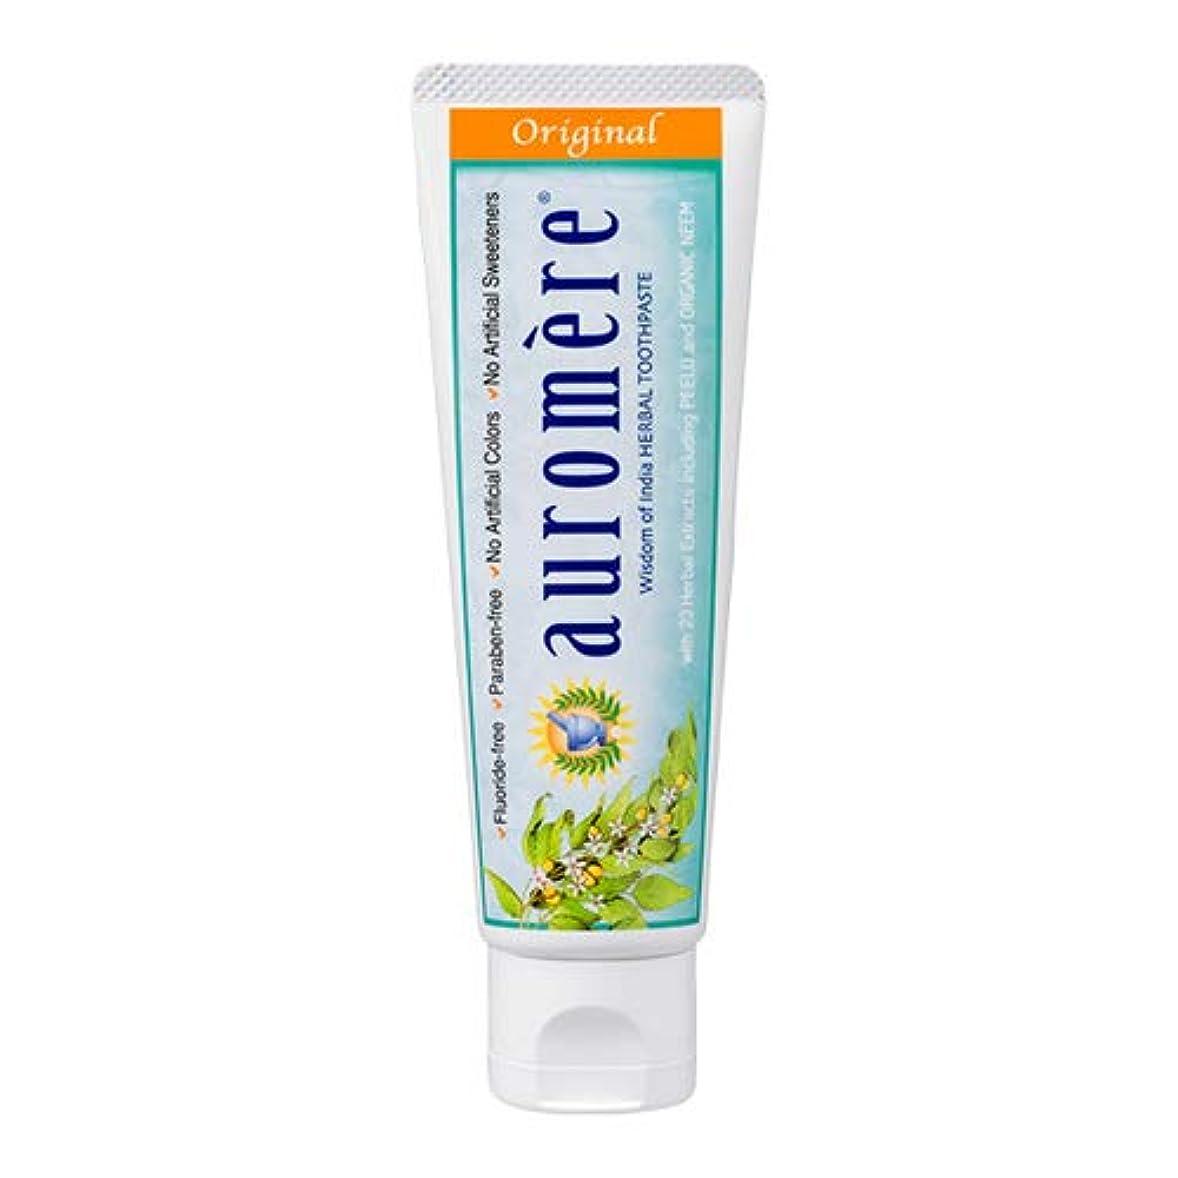 モットー教養があるグローバルオーロメア 歯磨き粉 オリジナル 70g